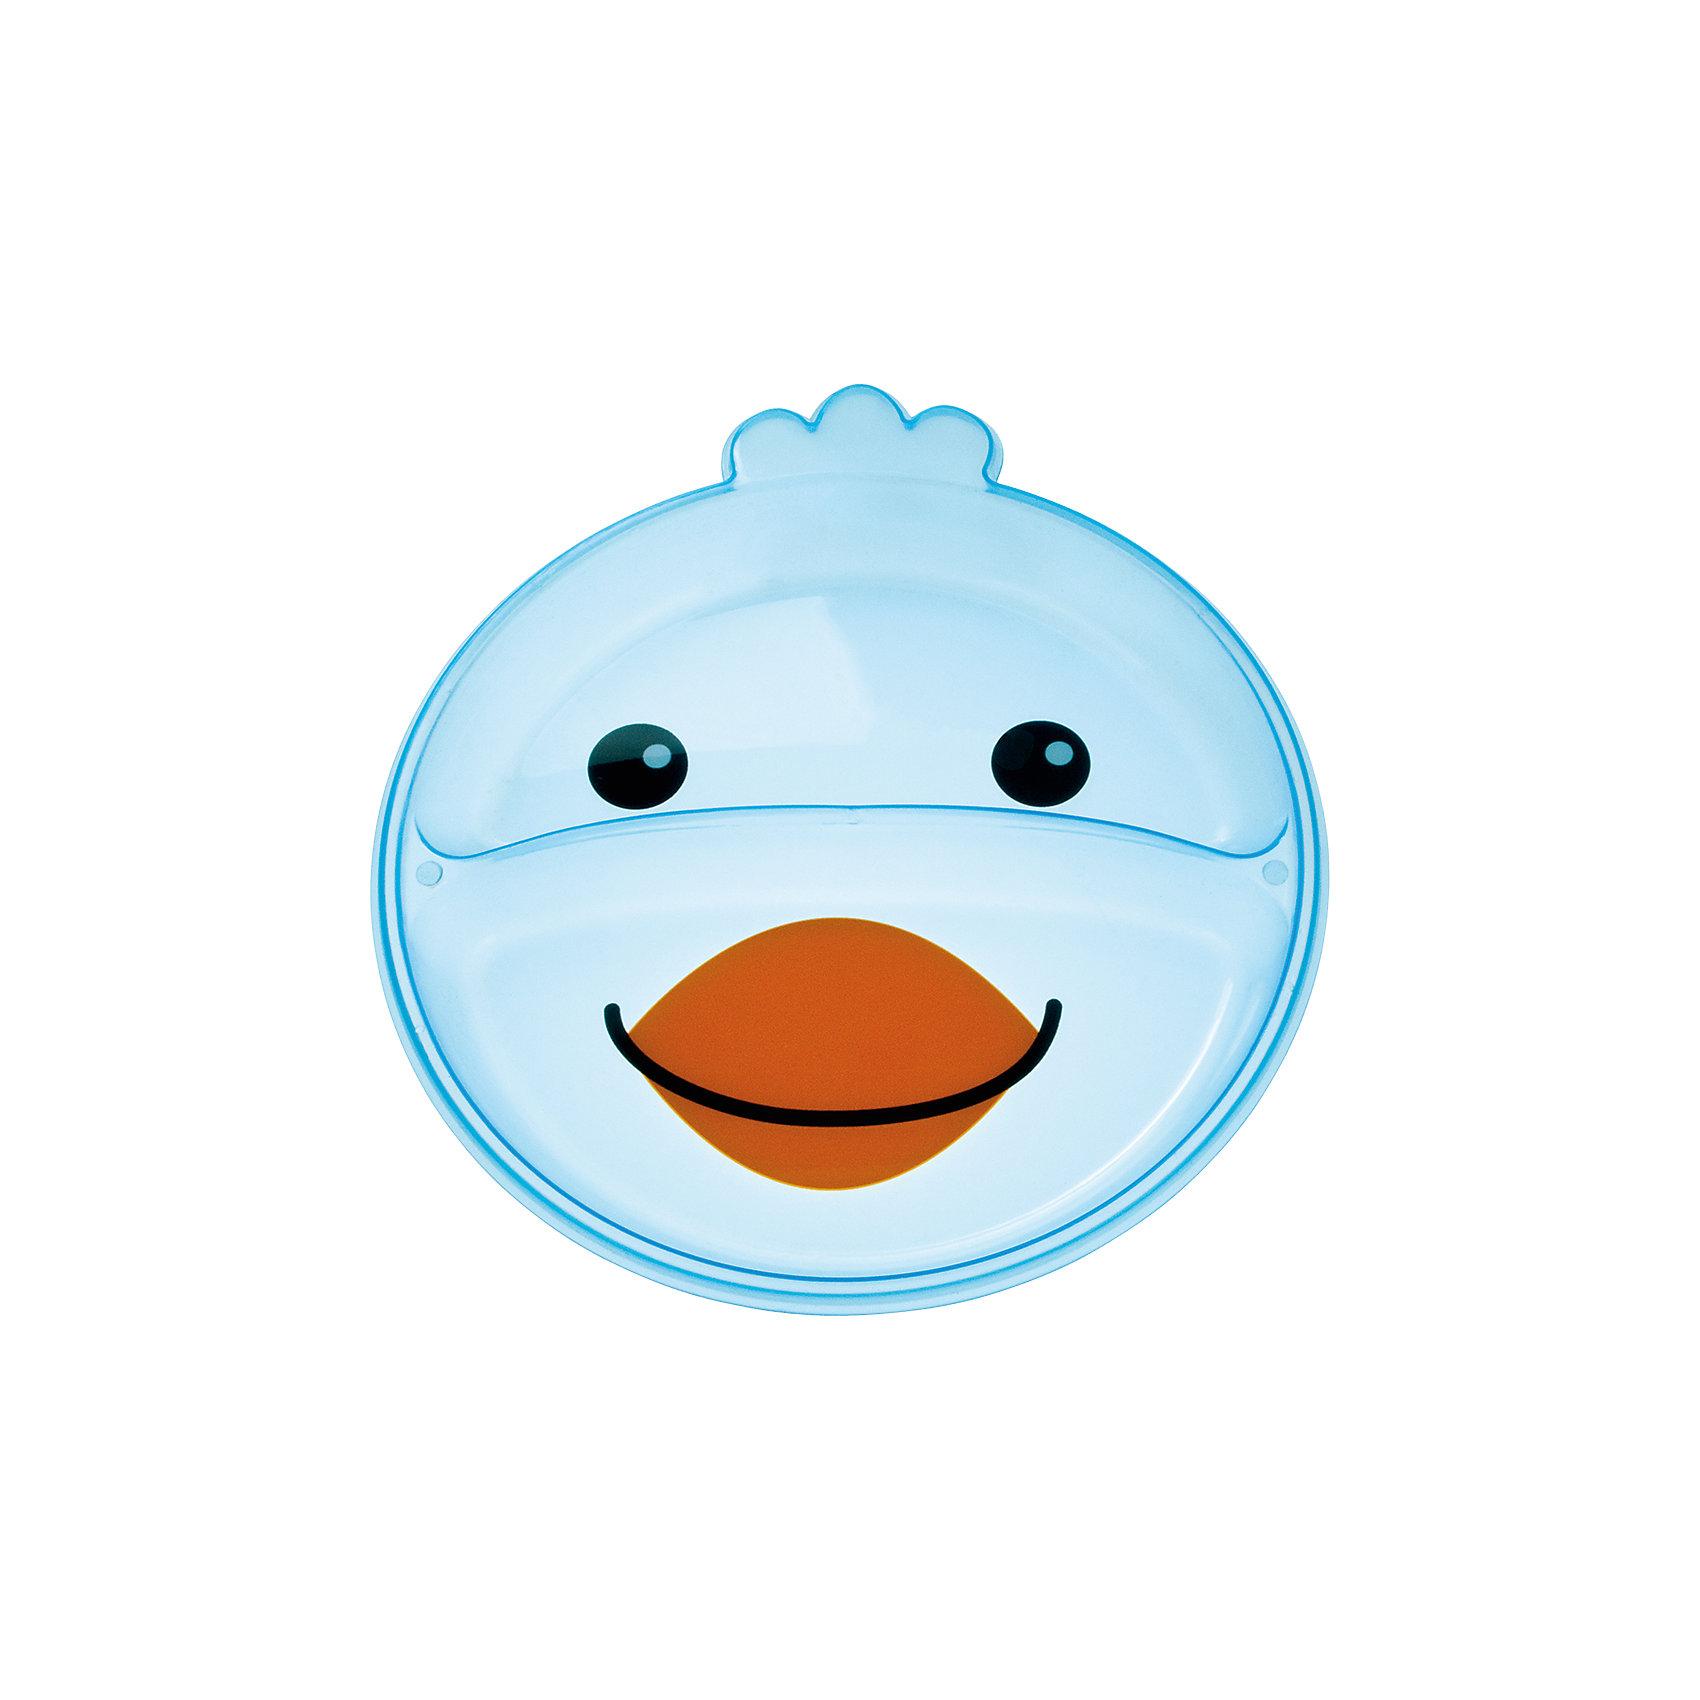 Тарелка с разделением Animals Птичка, 9+, Canpol Babies, голубойПосуда для малышей<br>Тарелка с разделением Animals Птичка, 9+, Canpol Babies (Канпол беби), голубой.<br><br>Характеристики:<br>• есть 2 отсека для еды<br>• не содержит бисфенол-А<br>• можно использовать в микроволновой печи и посудомоечной машине<br>• интересный дизайн<br>• размер упаковки: 2х17,7х21,5 см<br>• вес: 100 грамм<br>• объем: 400 мл<br>• цвет: голубой<br>• материал: пластик <br><br>Тарелка Птичка изготовлена из качественного пластика и не содержит бисфенол-А. Тарелка имеет 2 отсека для еды. Вы сможете подать отдельно мясо и гарнир или кашу и фрукты. Посуда выполнена в виде улыбающейся птички, которая с удовольствием покажет крохе свою мордашку после обеда. Такая веселая тарелочка превратит прием пищи в веселую игру!<br><br>Тарелку с разделением Animals Птичка, 9+, Canpol Babies (Канпол беби), голубой вы можете купить в нашем интернет-магазине.<br><br>Ширина мм: 20<br>Глубина мм: 215<br>Высота мм: 177<br>Вес г: 390<br>Возраст от месяцев: 9<br>Возраст до месяцев: 36<br>Пол: Унисекс<br>Возраст: Детский<br>SKU: 5156696